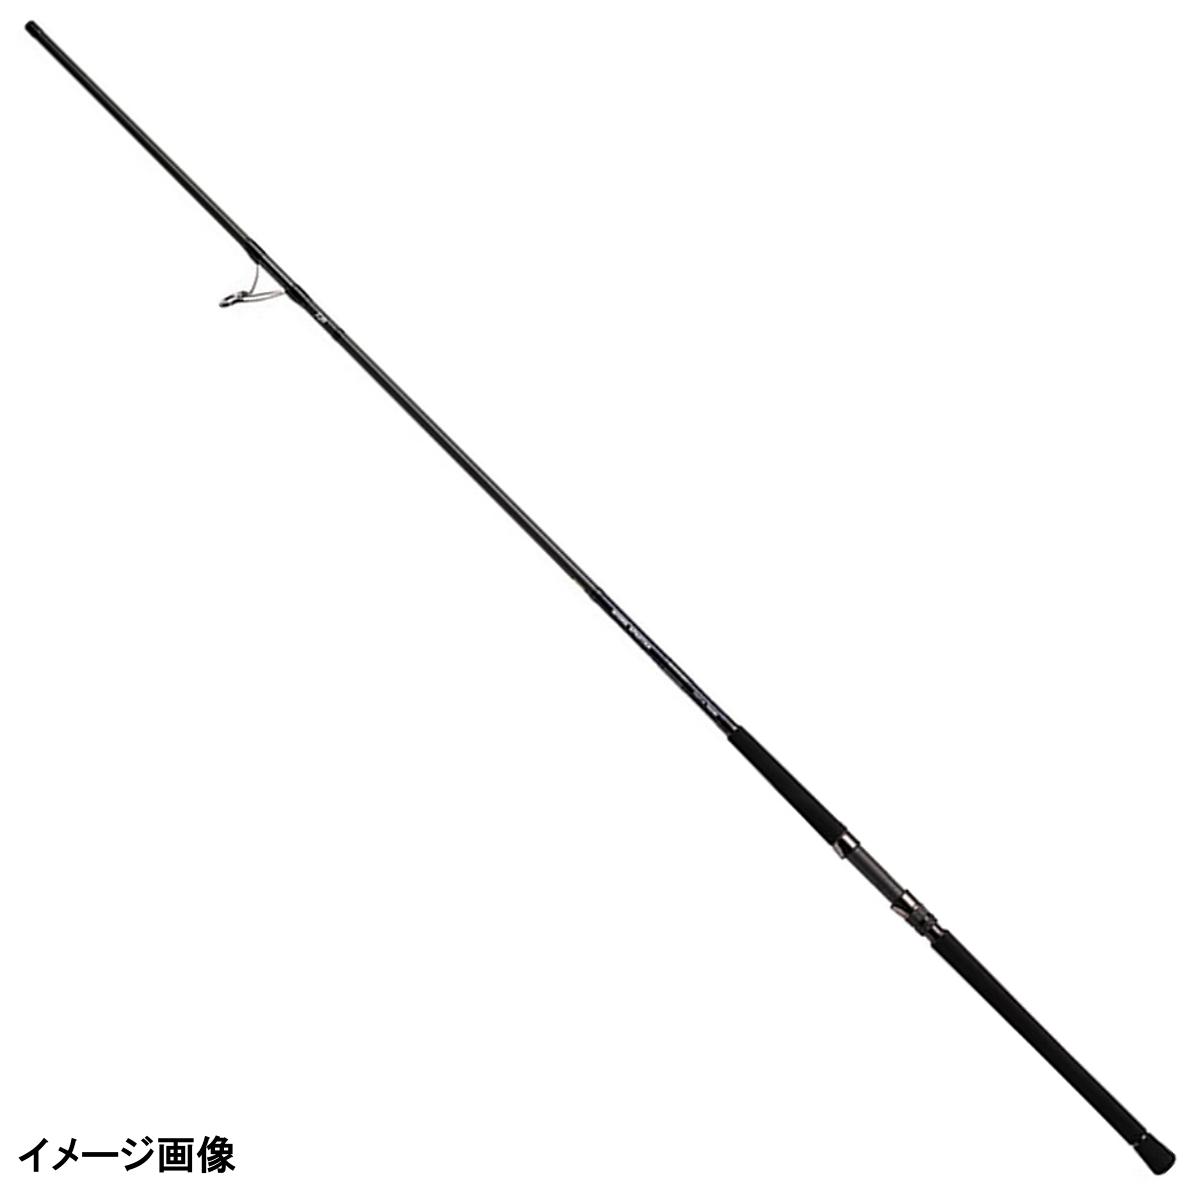 ダイワ ショアスパルタン コースタル 97MH【大型商品】